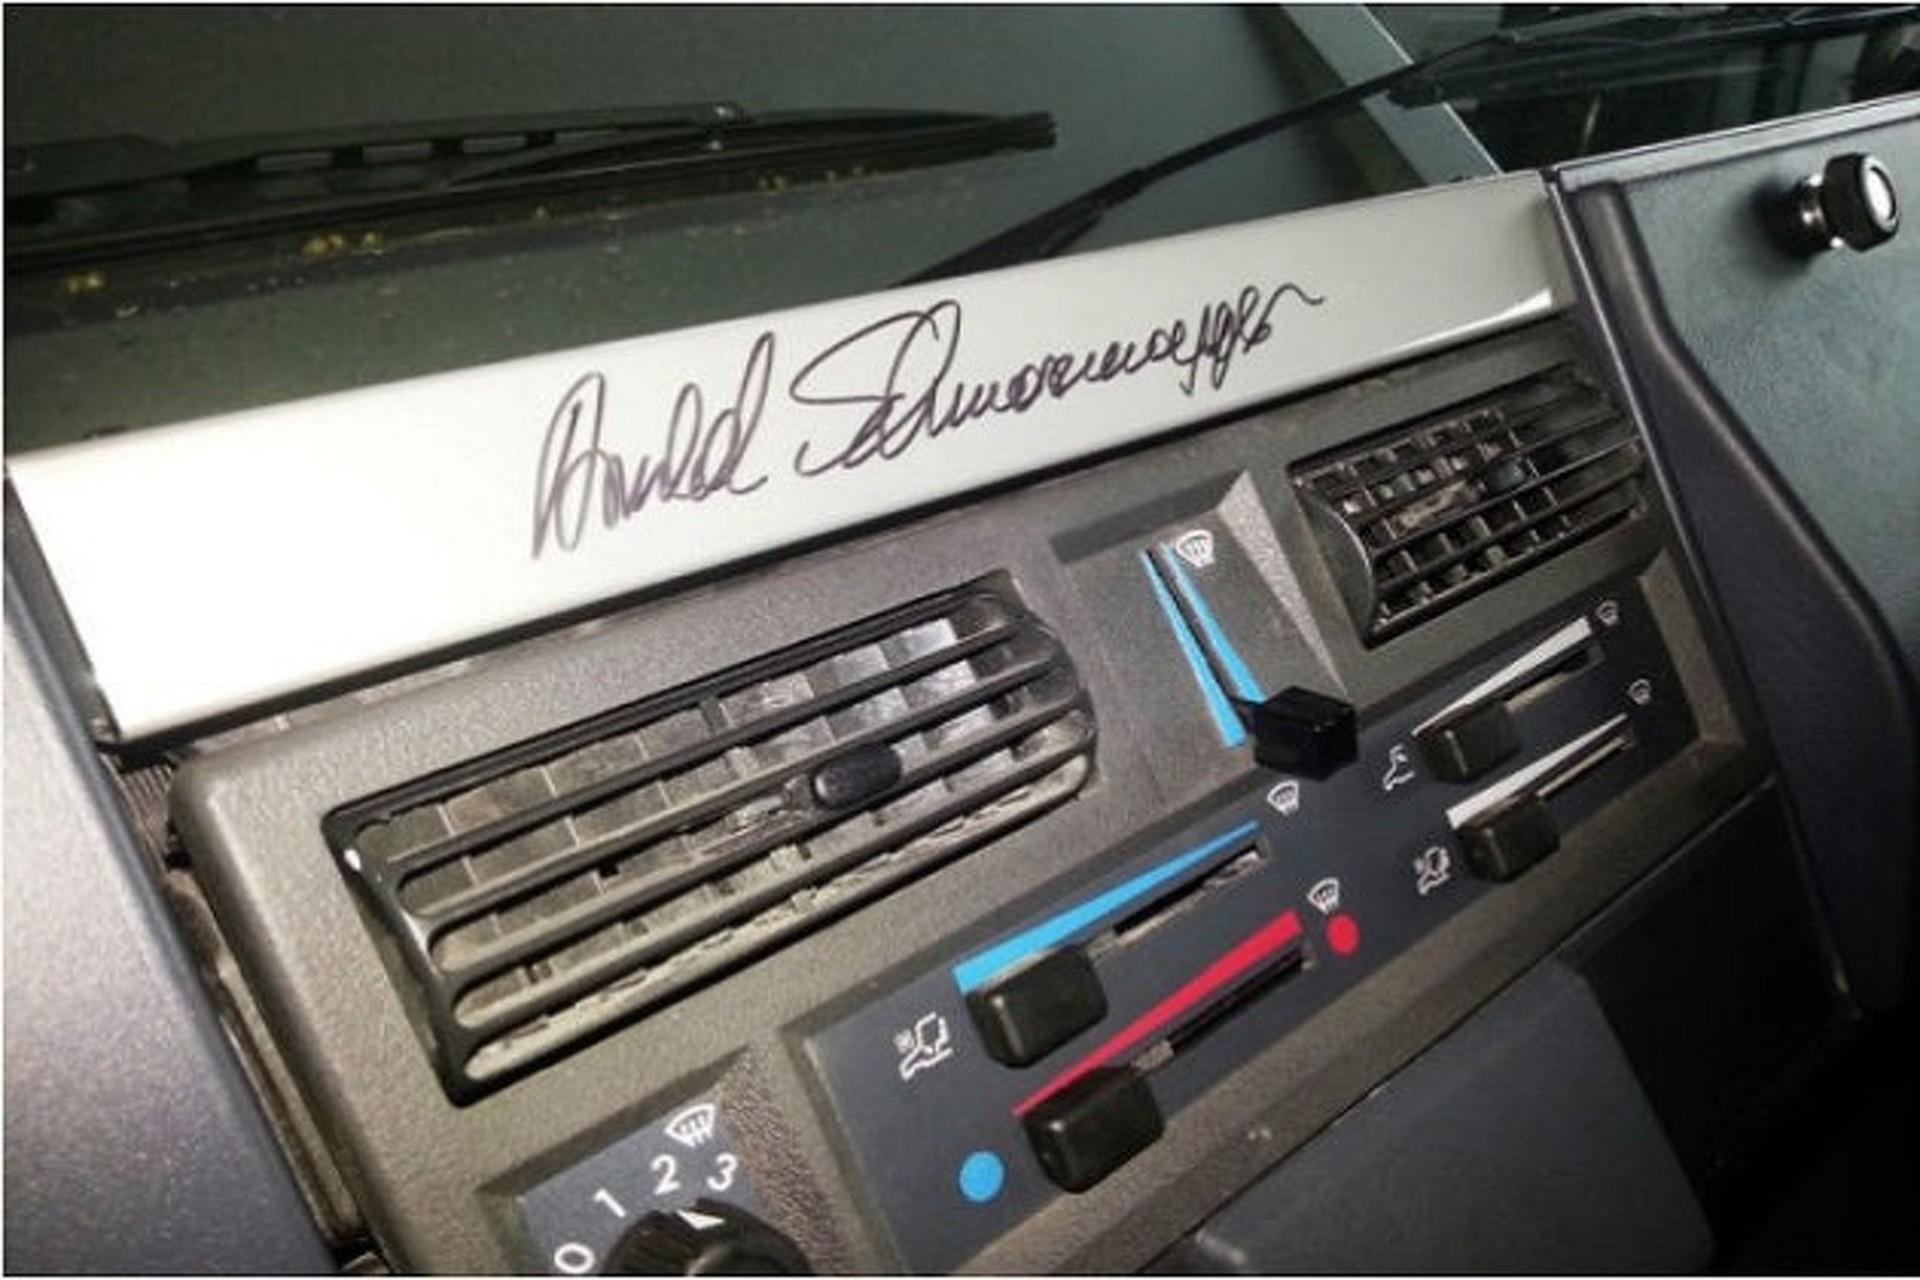 Arnold Schwarzenegger is Selling His Unimog